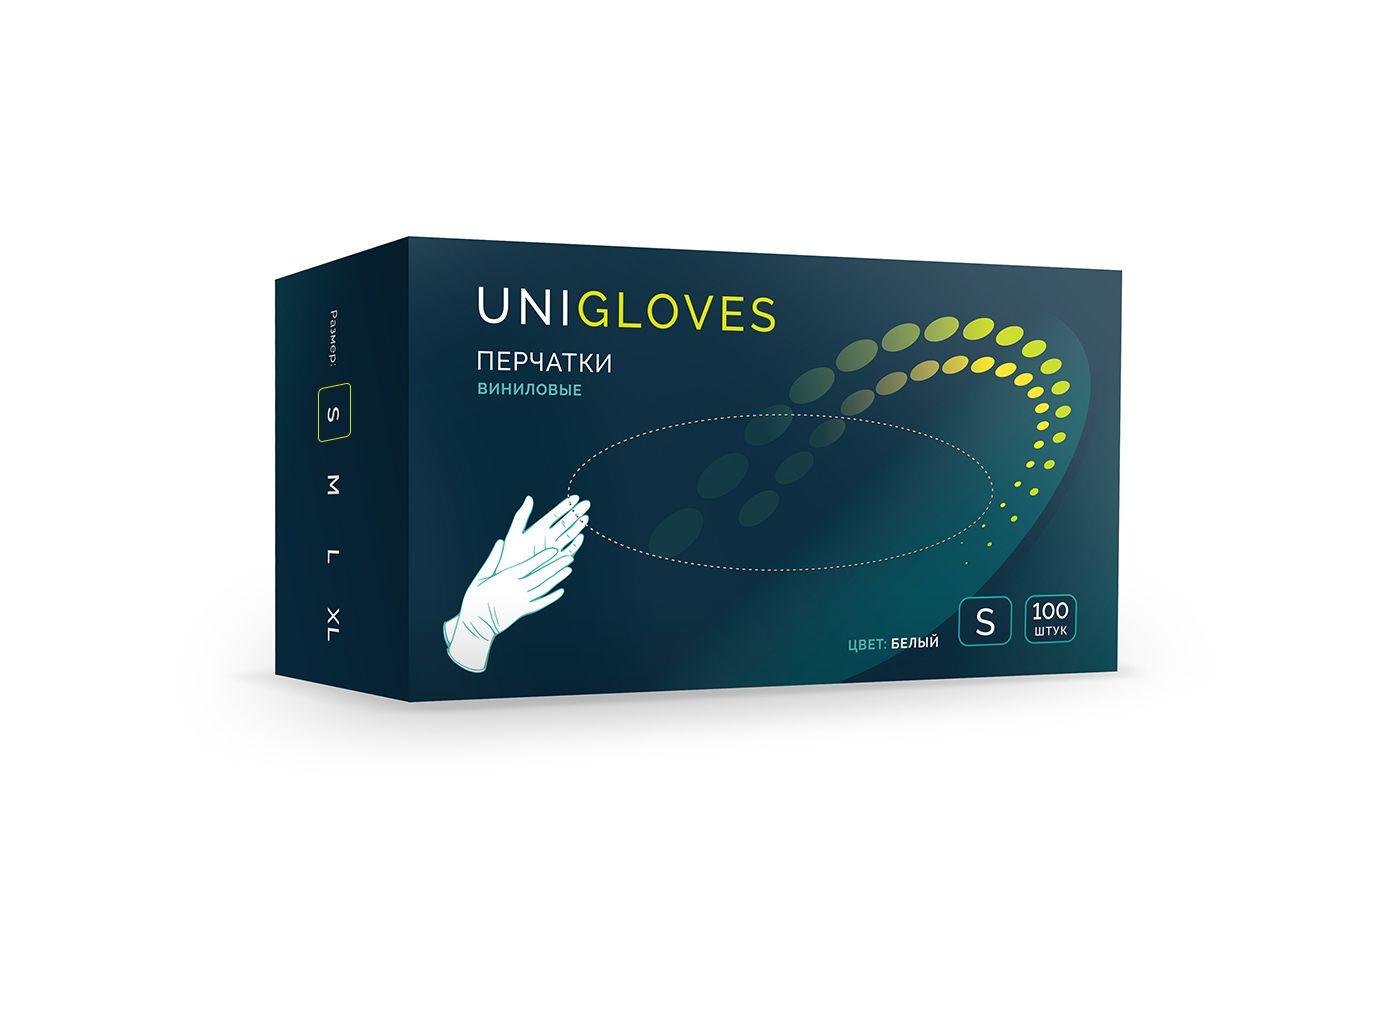 Перчатки  виниловые белые, размер S, 100 шт, UNIGLOVES